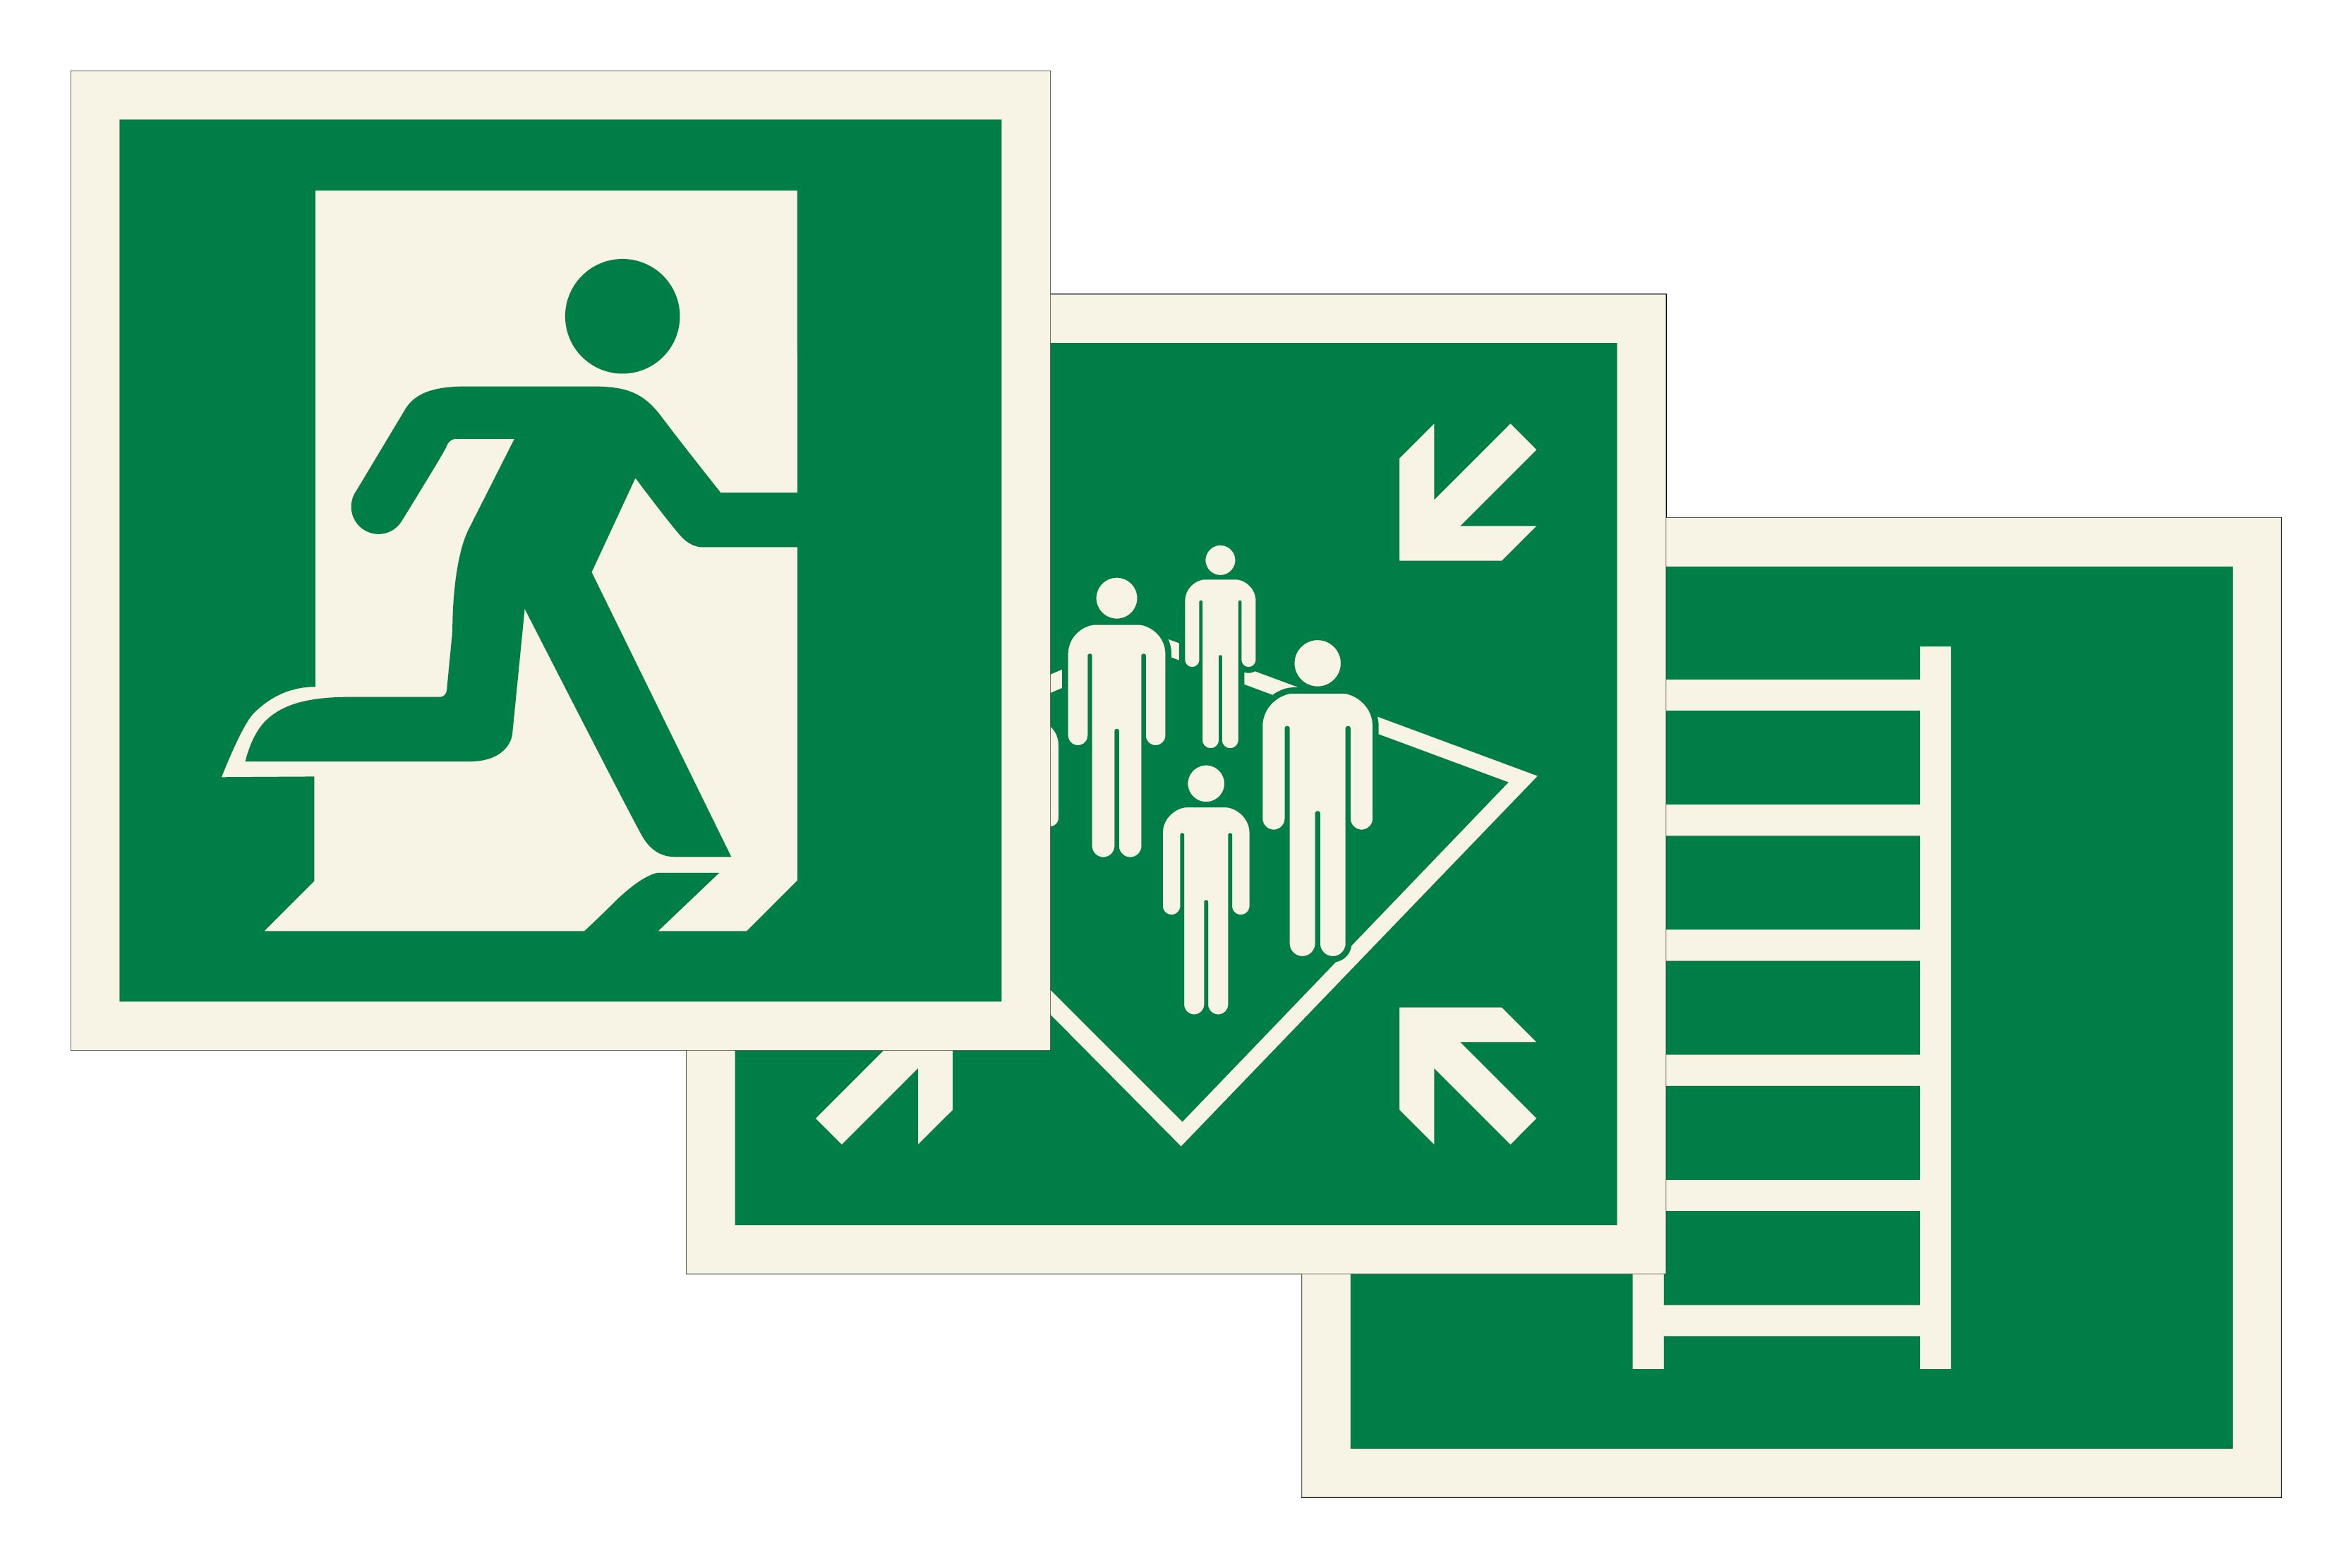 Escape Route Signs Image